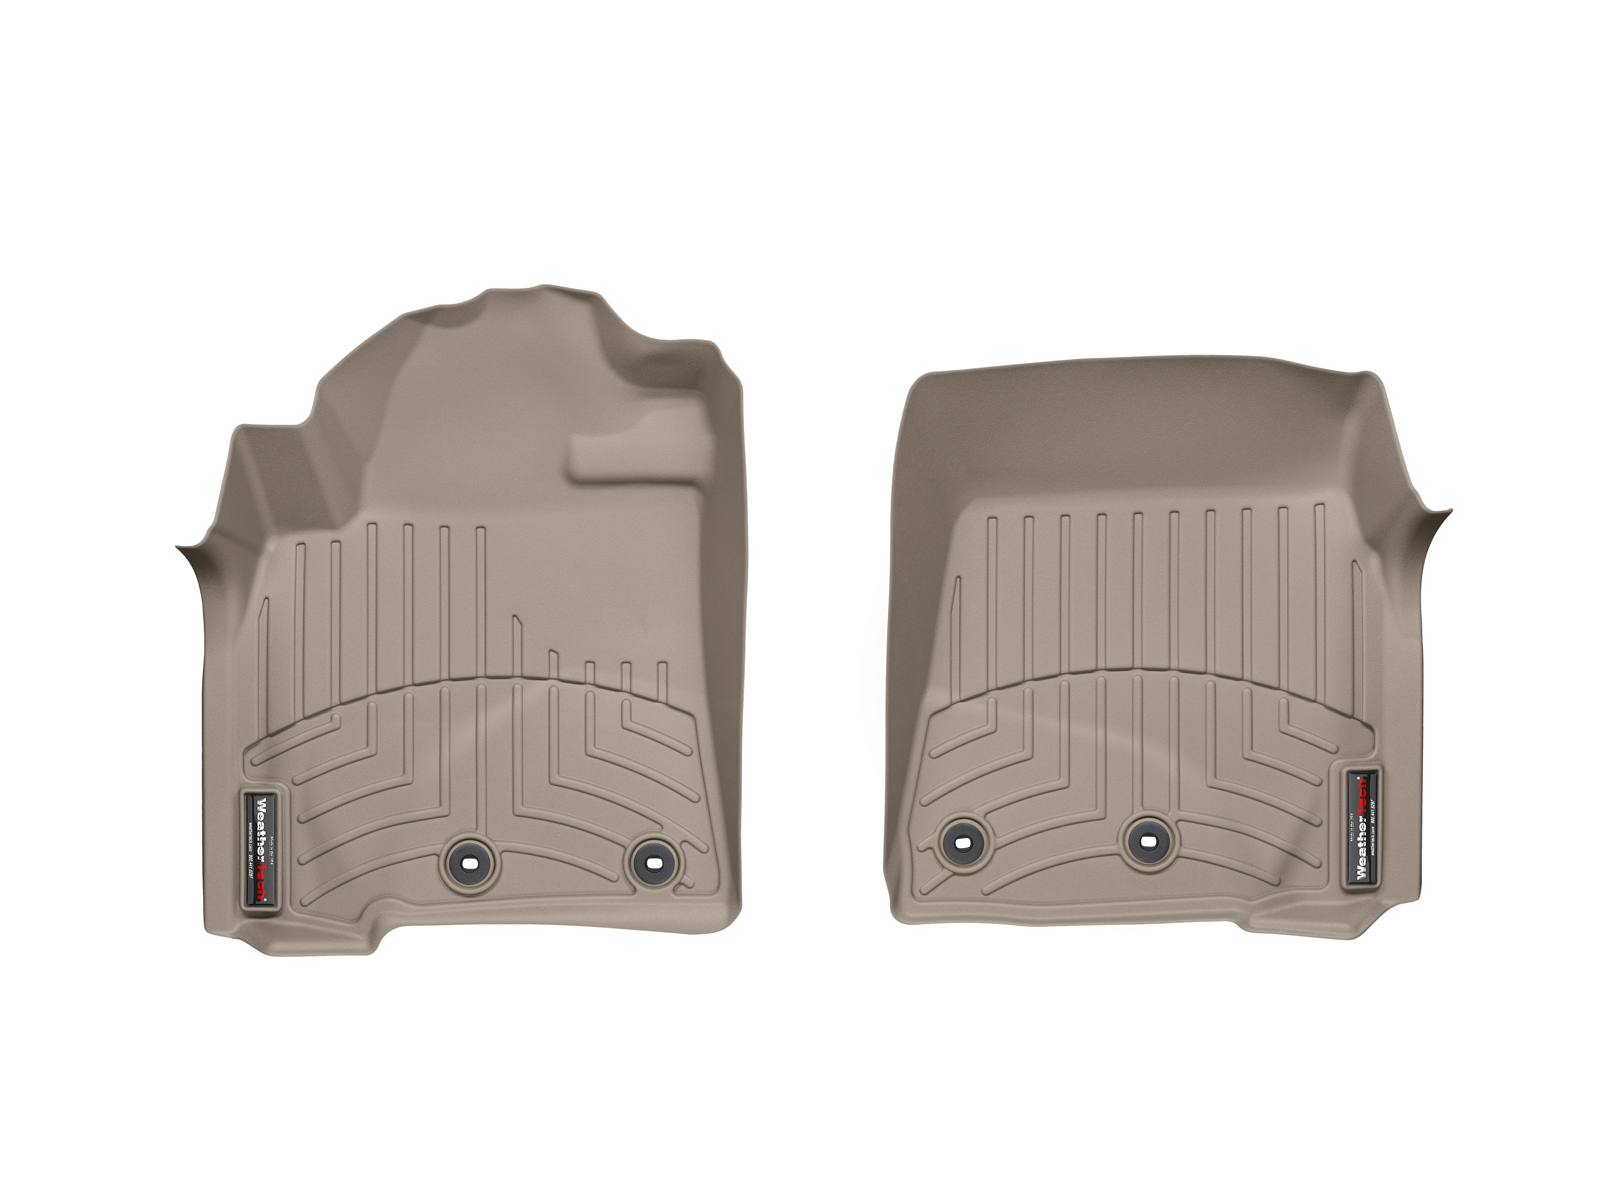 Tappeti gomma su misura bordo alto Toyota Land Cruiser V8 12>12 Marrone A3708*